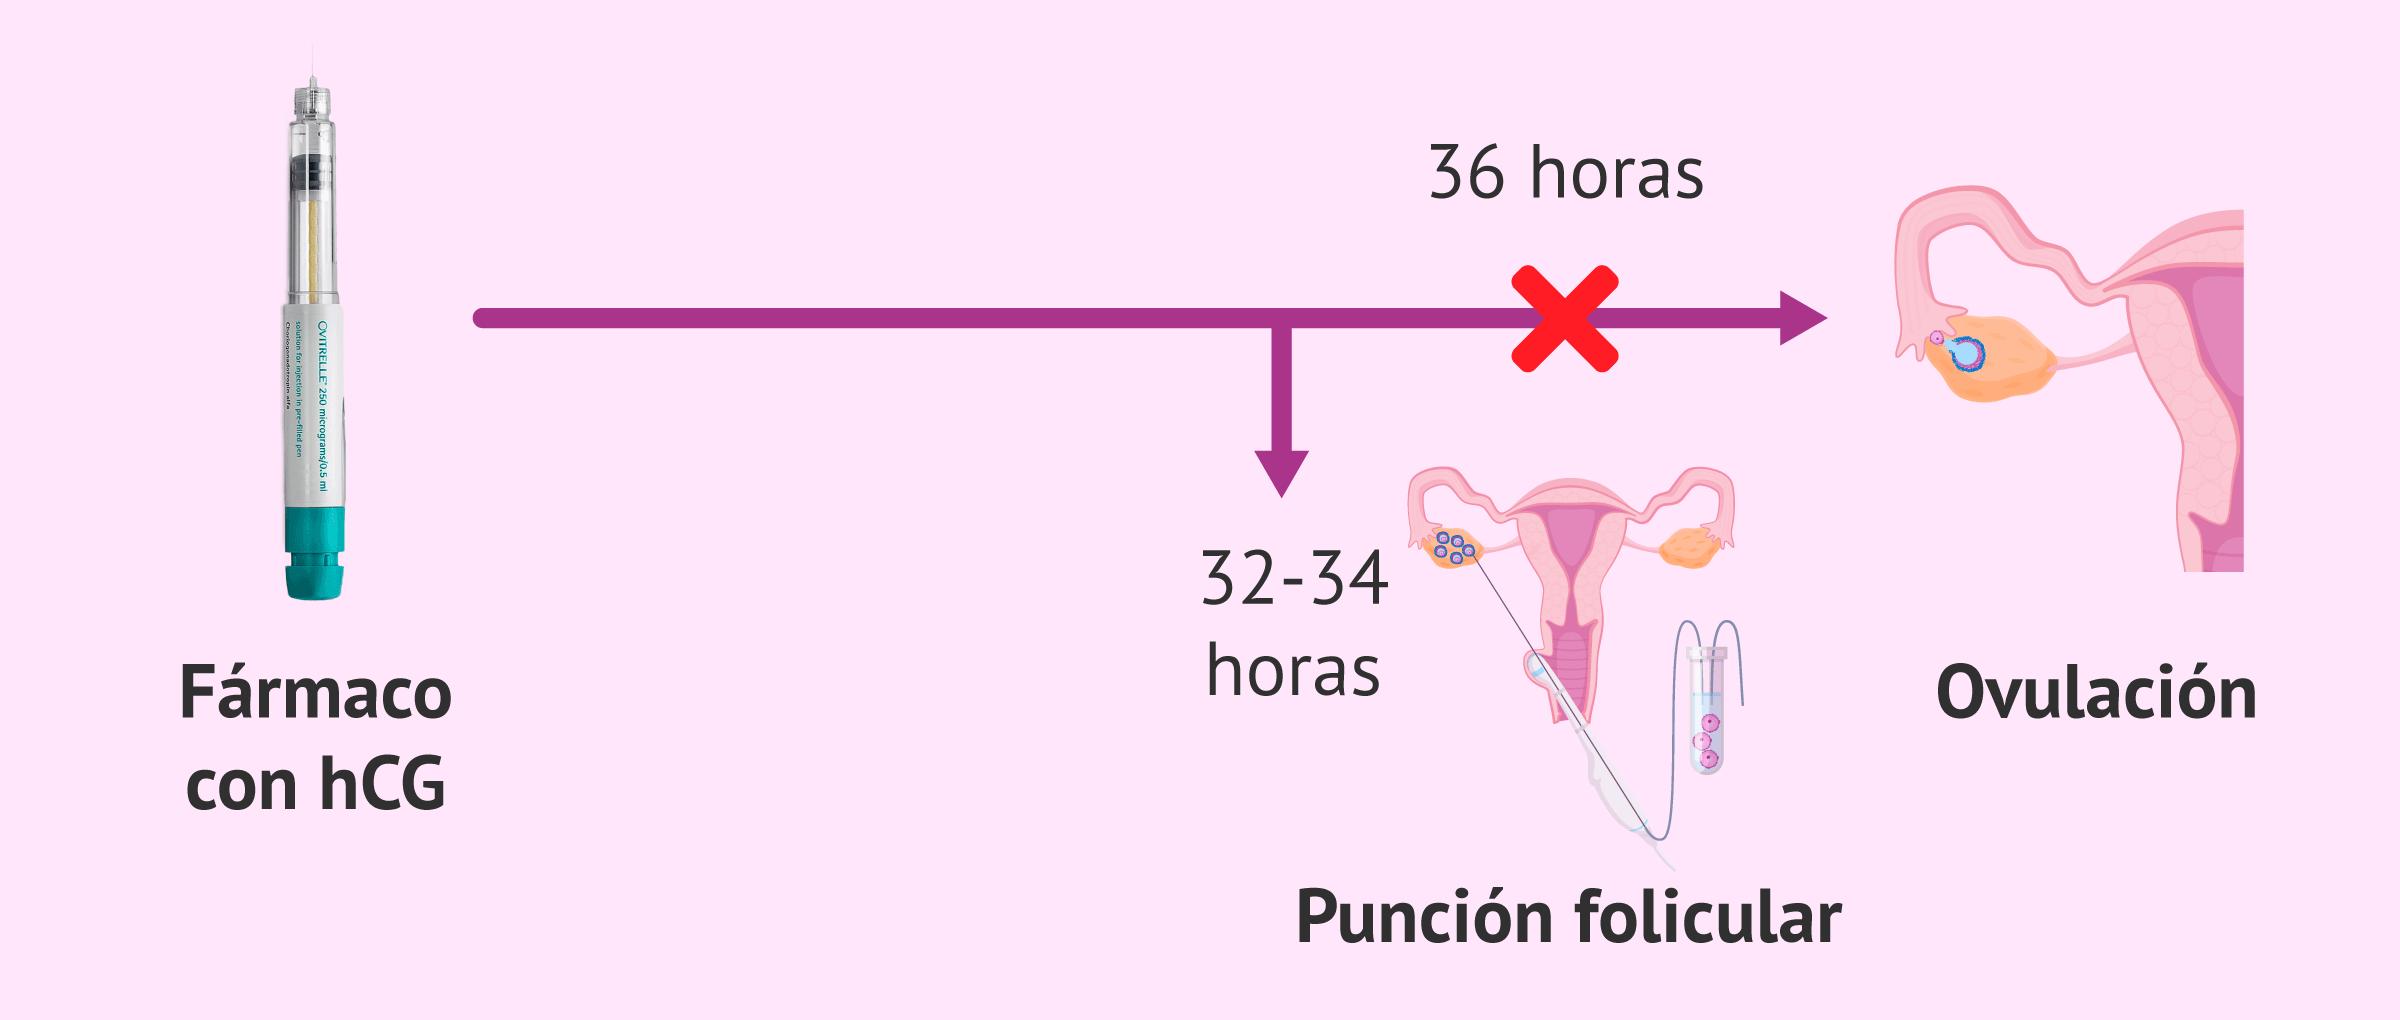 Inducción de la ovulación y punción folicular